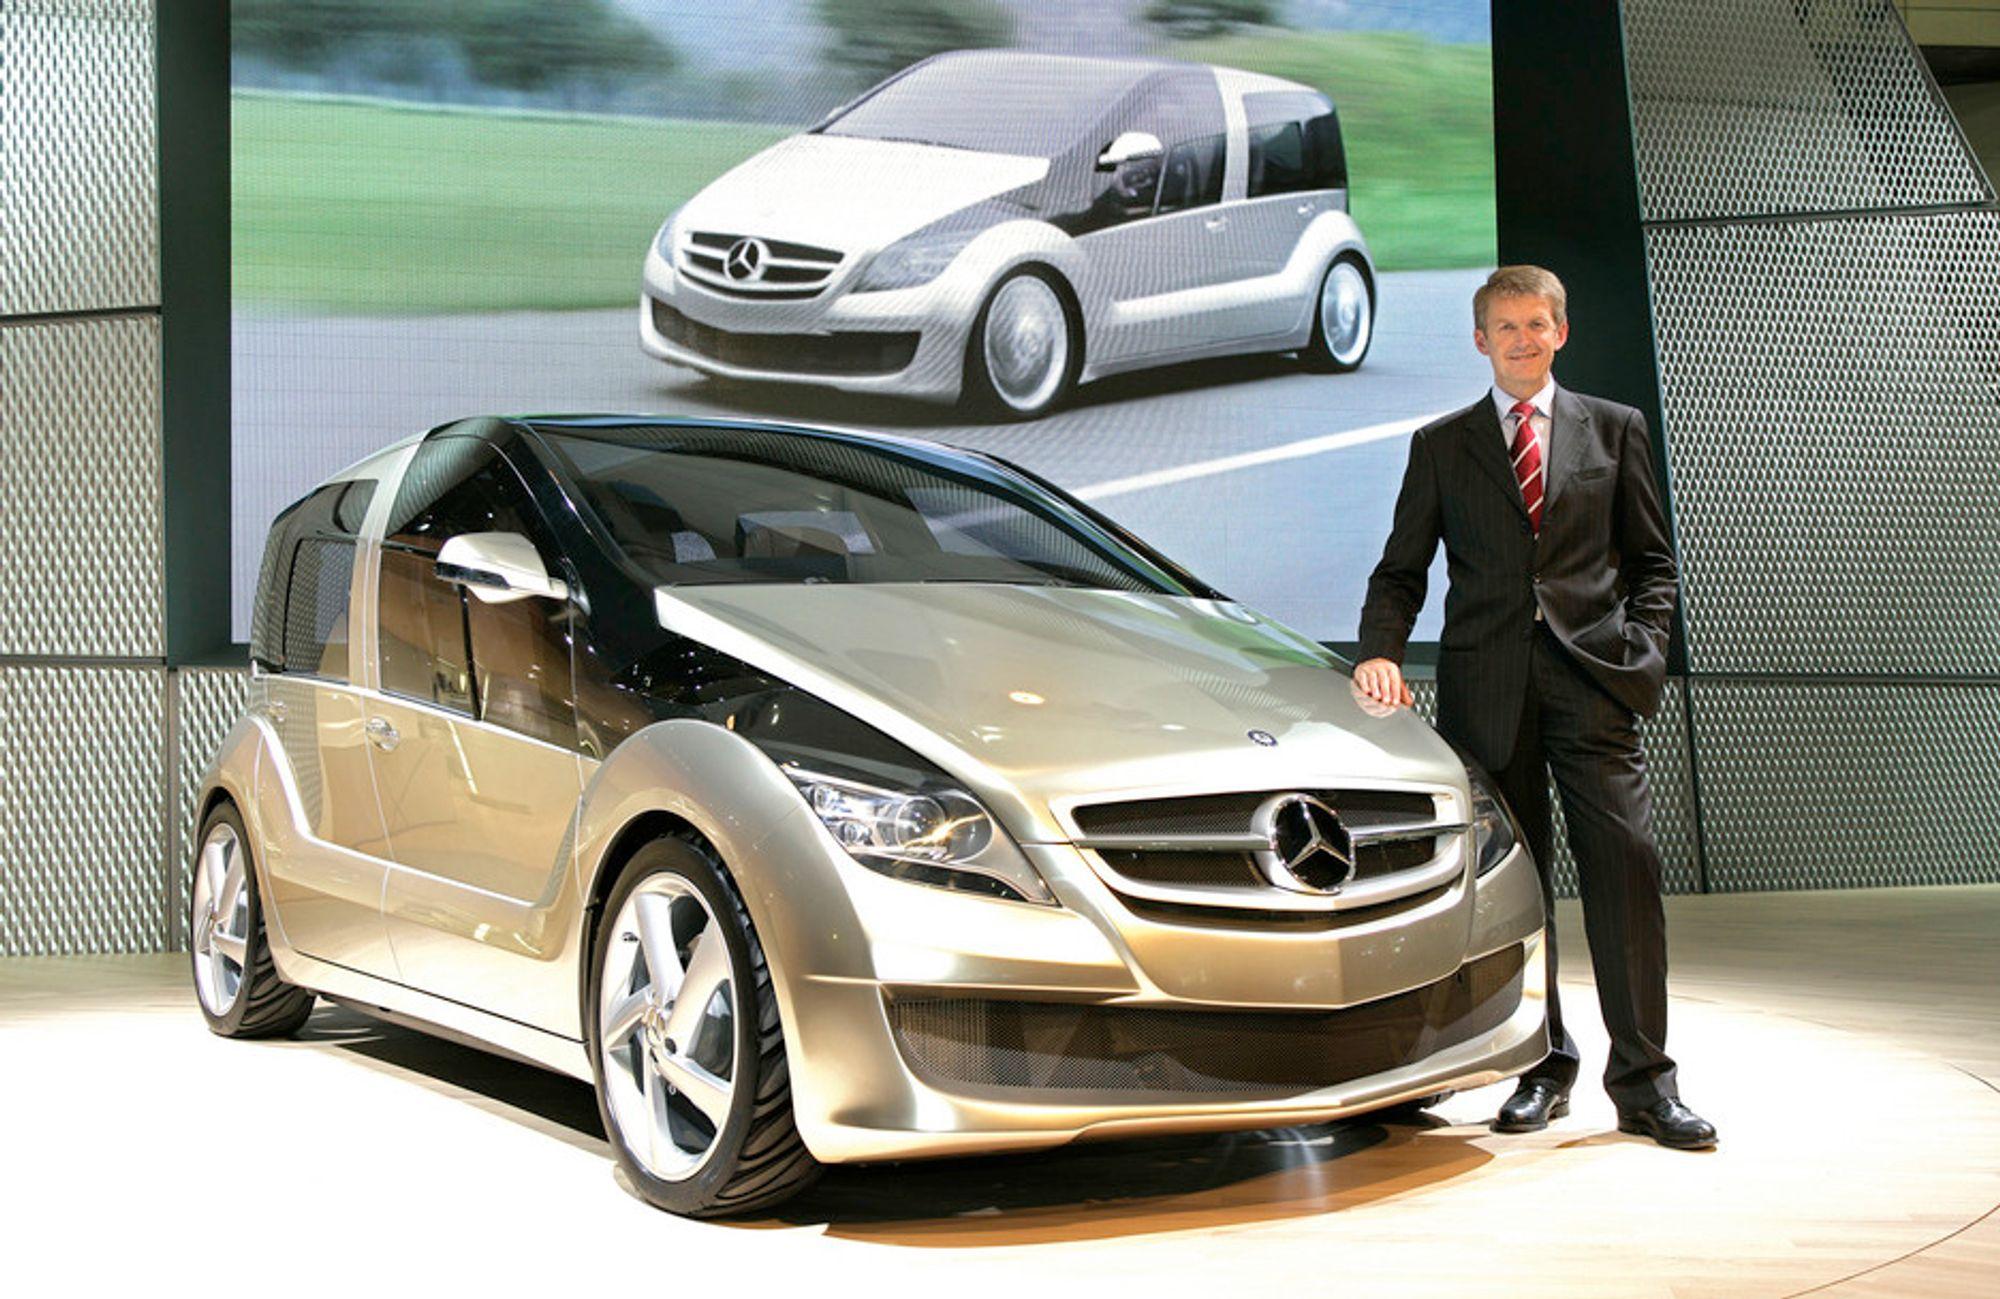 KONSEPT: Professor doktor Thomas Weber er sjef for all utvikling i DaimlerChrysler. Under Tokyo Motor Show viste han frem selskapets nyeste konseptbil, en hydrogendrevet affære på 85 kW og 350 Nm, med forbruk tilsvarende 0,29 liter diesel pr mil.